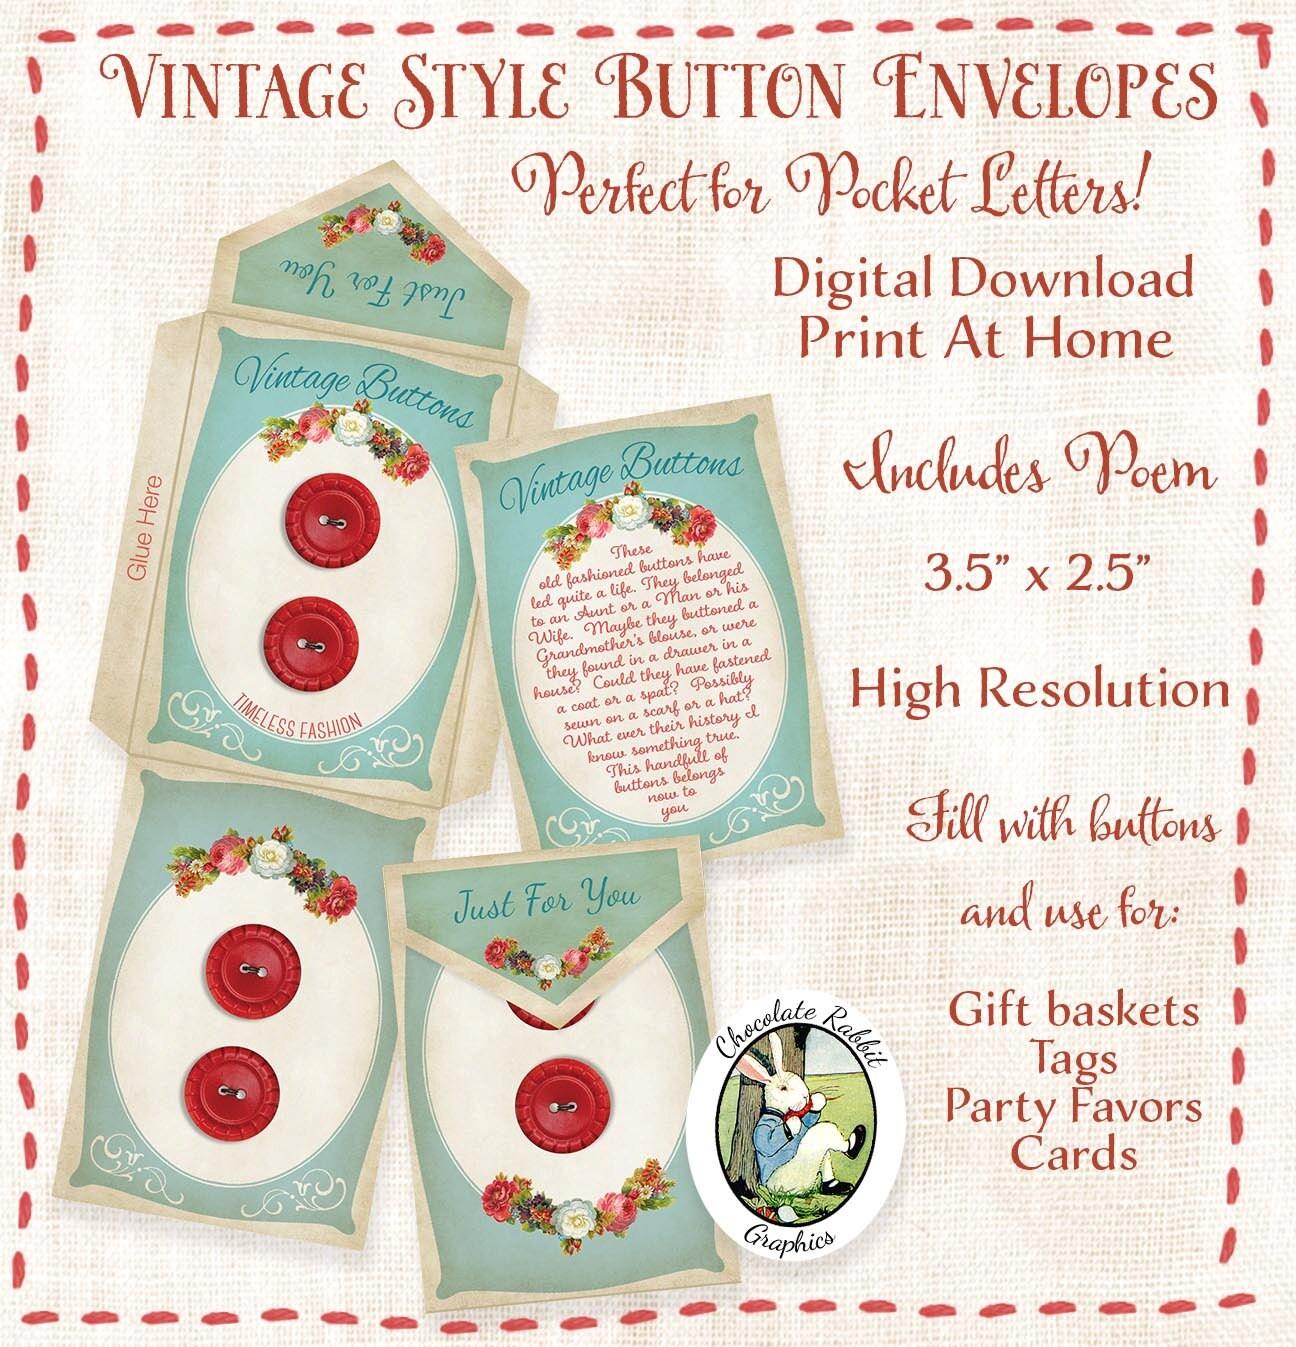 Scrapbook paper envelope template - Button Envelope Pocket Letter Digital Download Printable Vintage Style Gift Tag Card Favor Scrapbook Diy Craft Image Collage Sheet Art